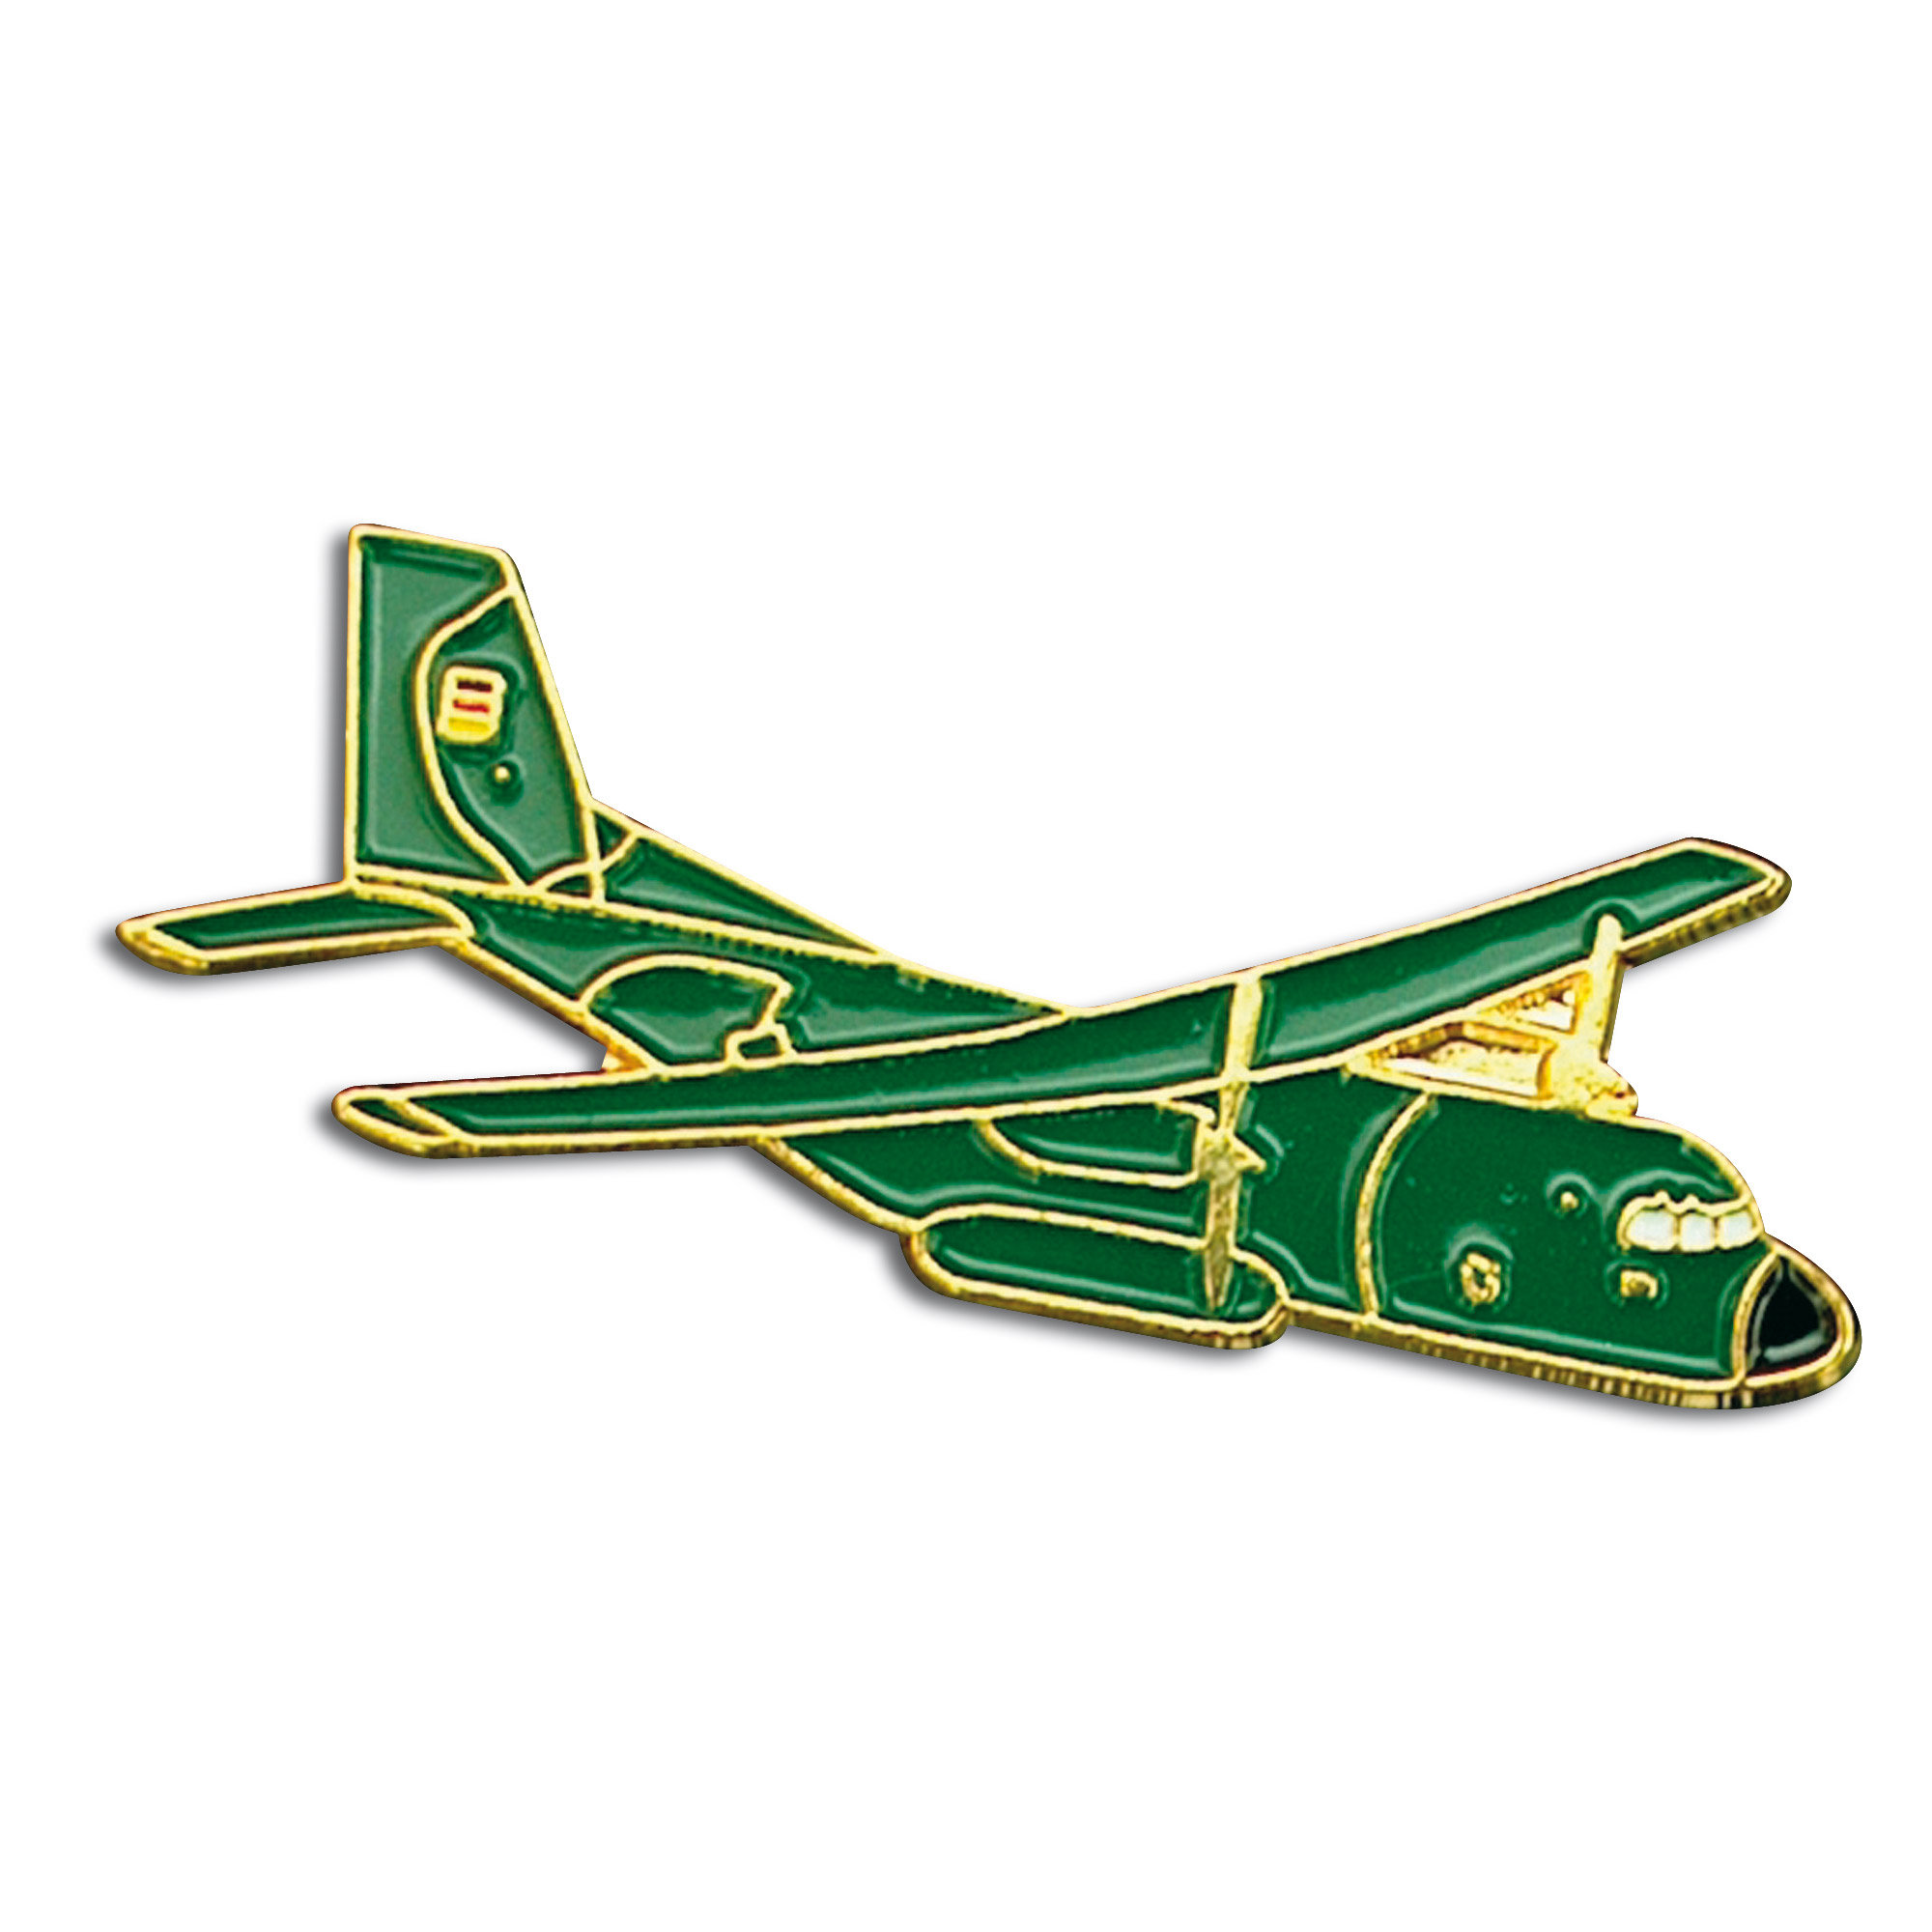 Pin Mini Metall Transall grün